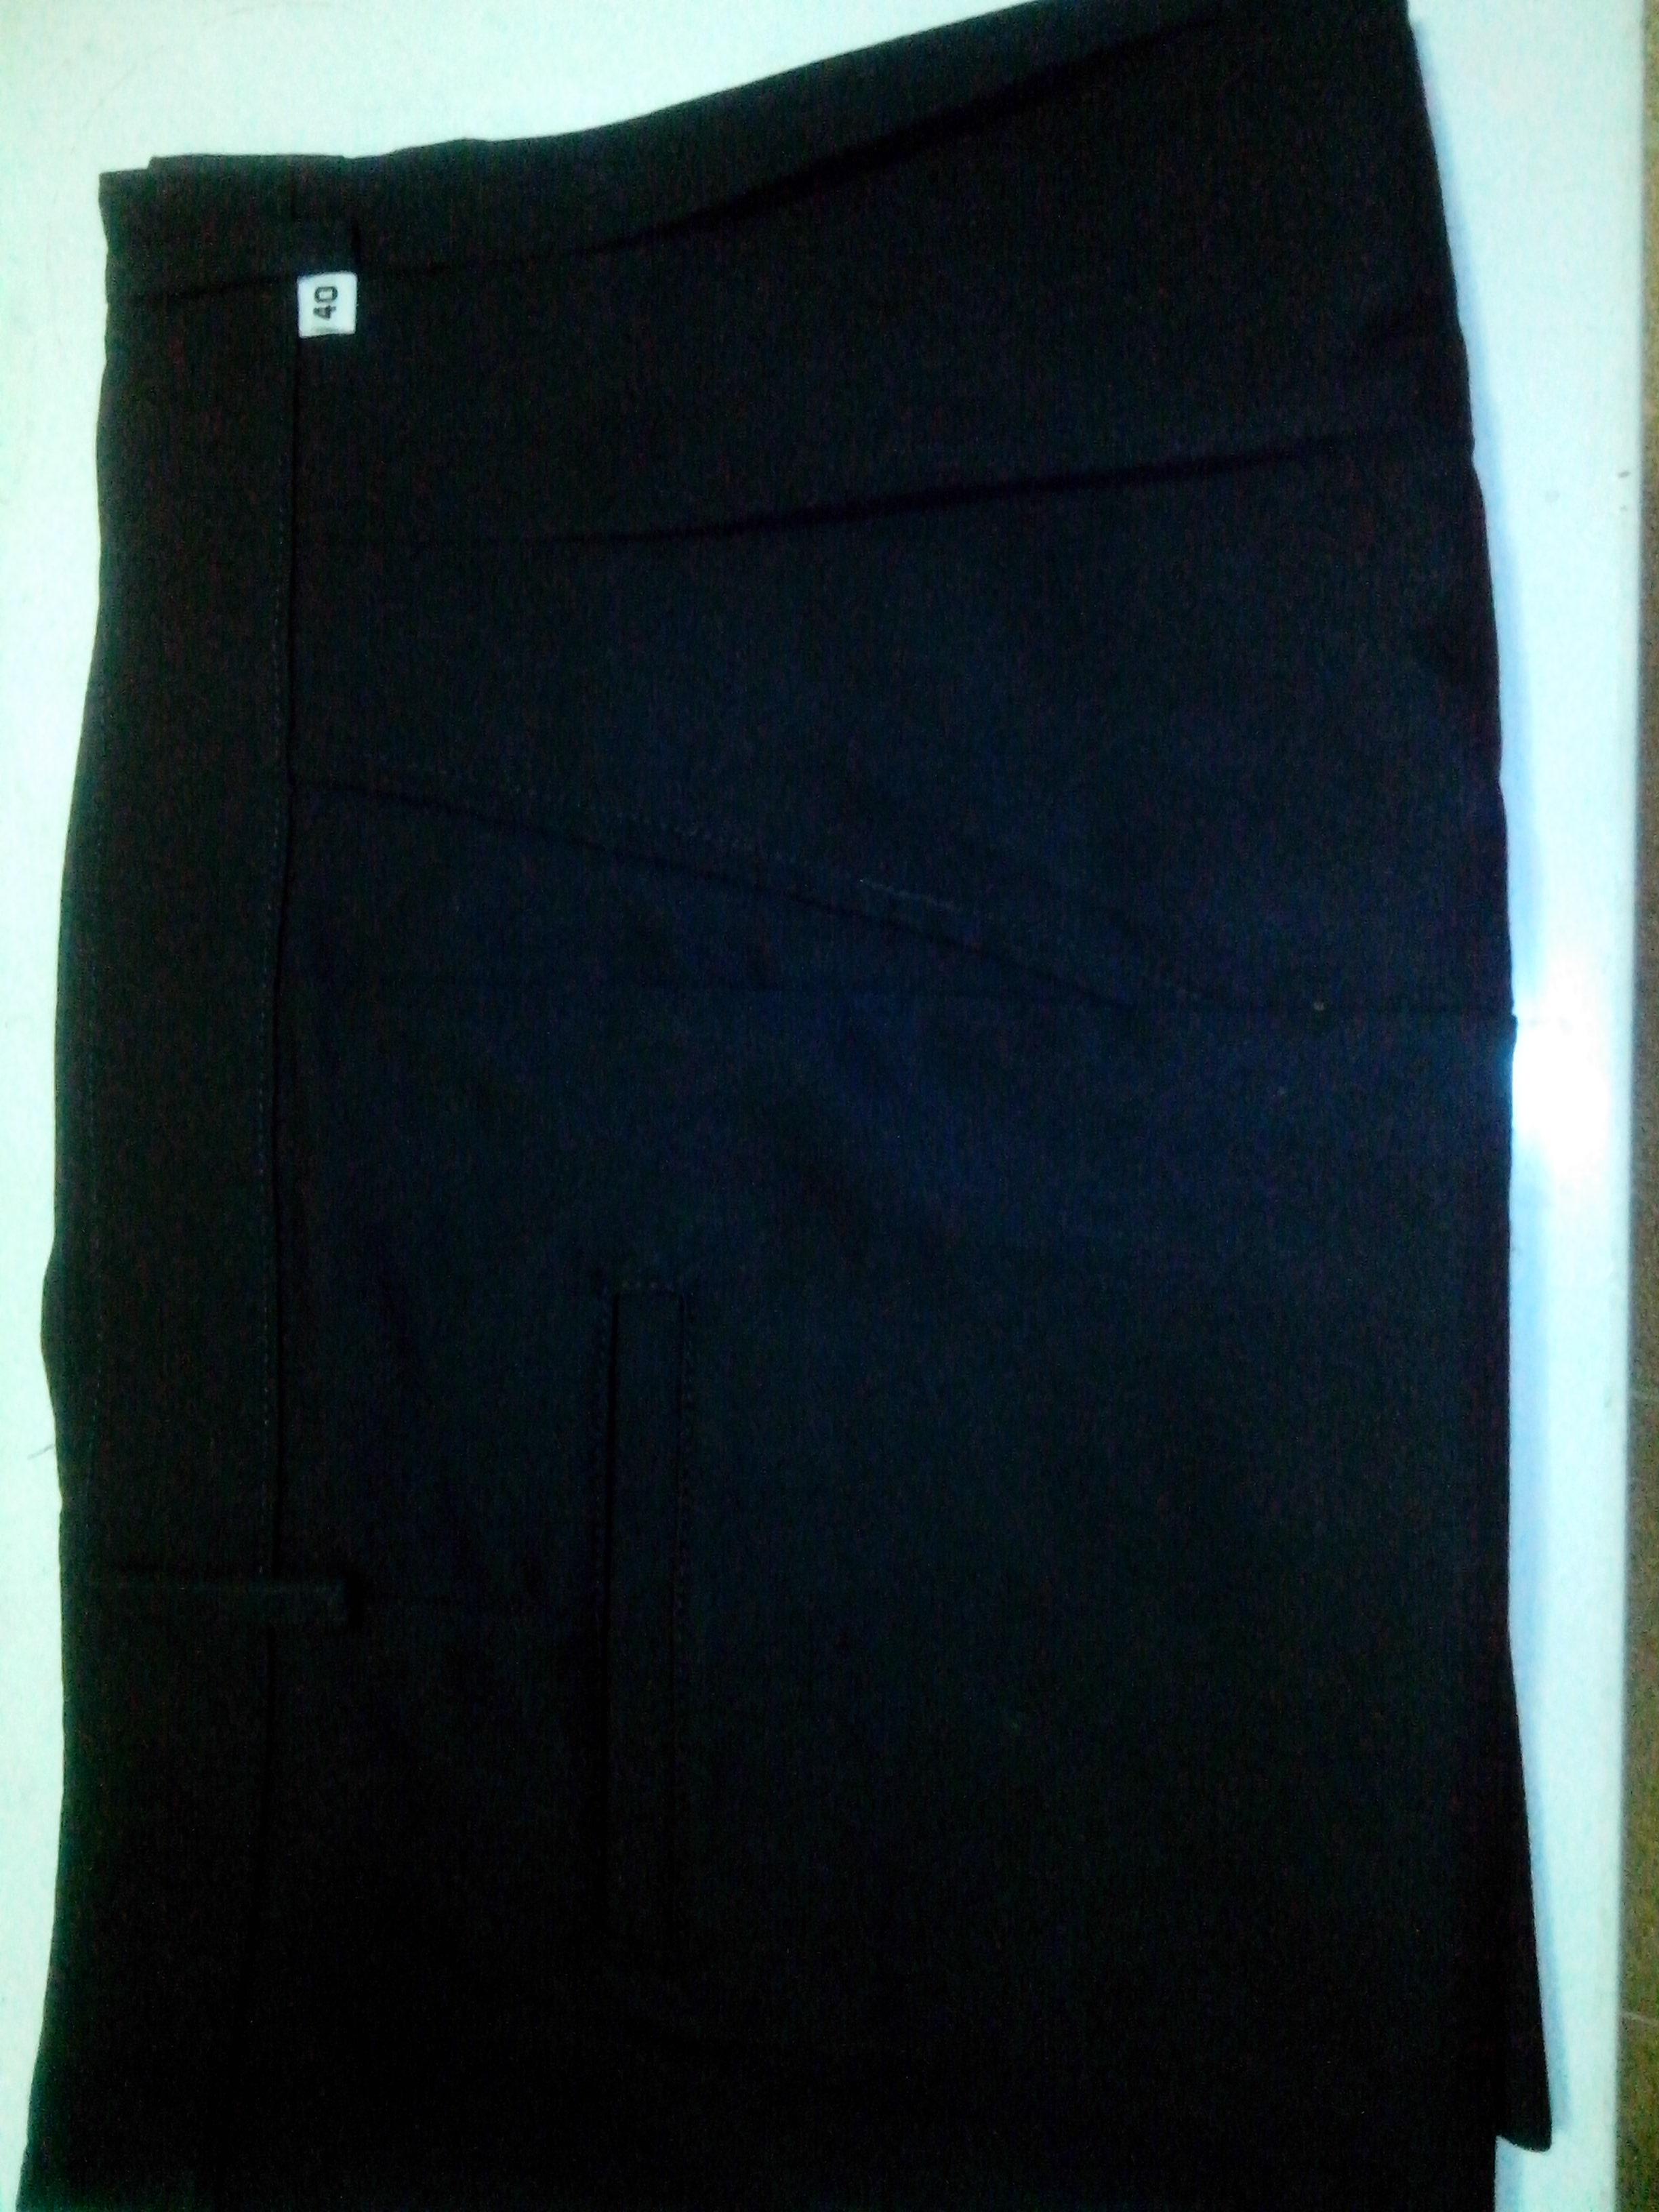 PA002 กางเกงสีดำ (กางเกงแสล็ค)